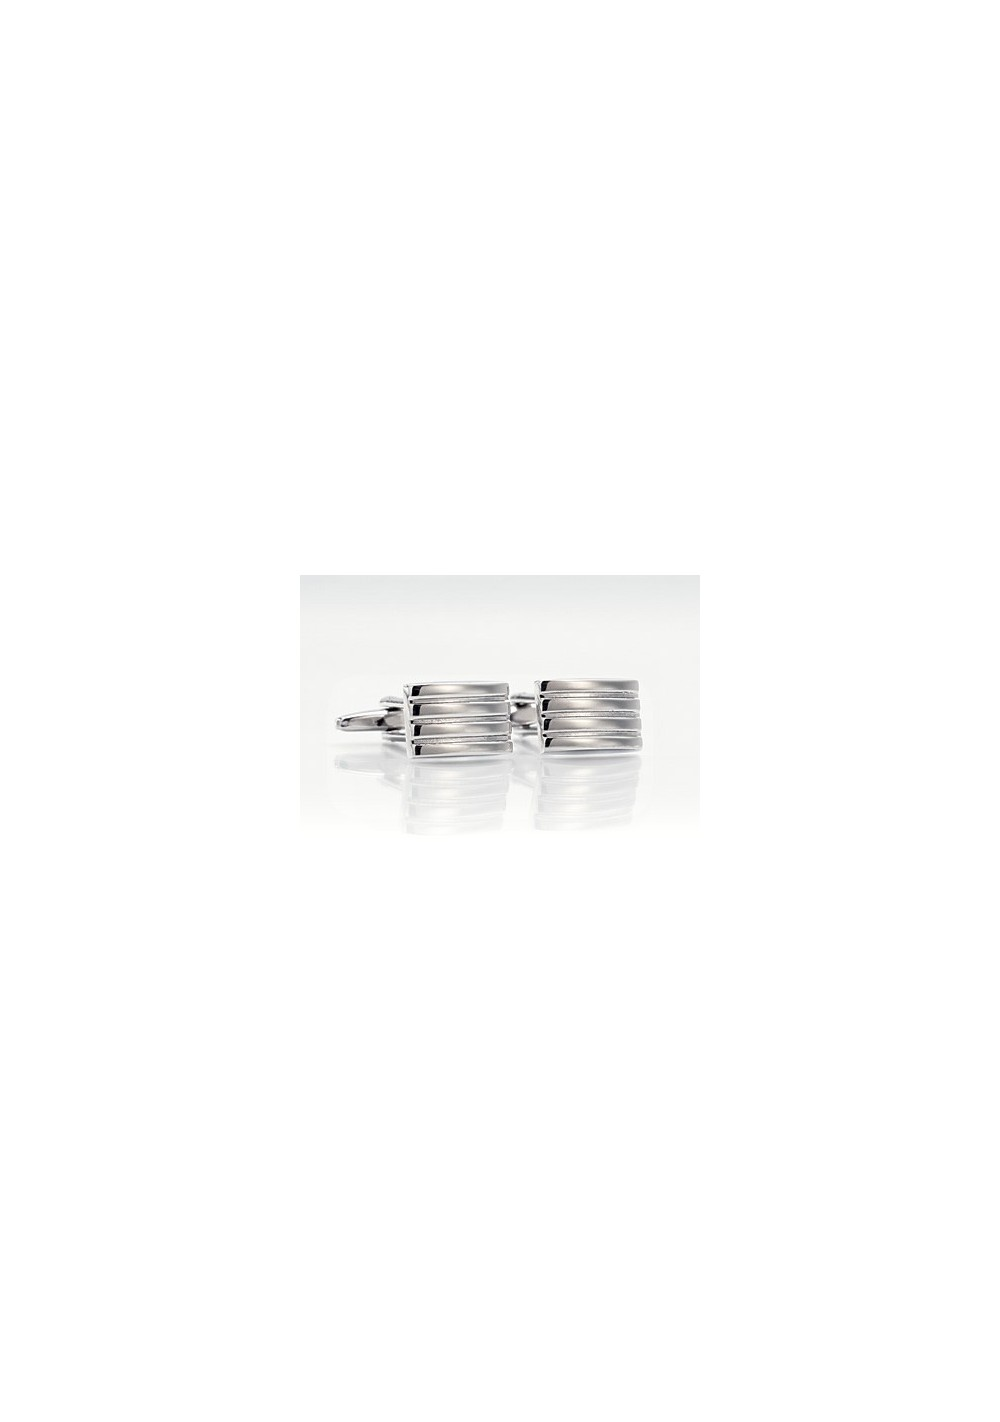 Silver Cufflinks - Classic Silver Cuffs